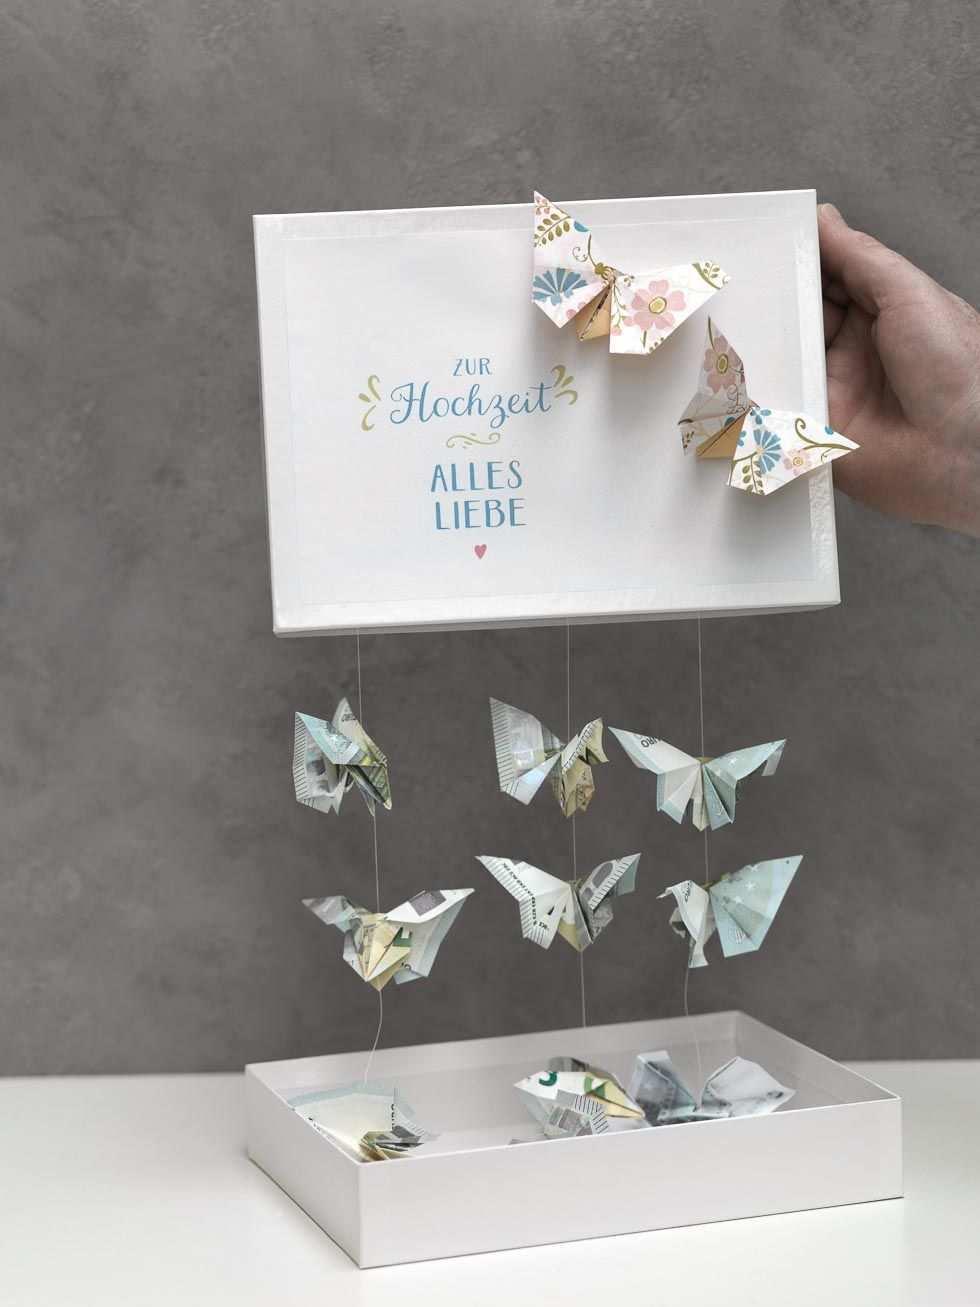 Schmetterling Aus Geld Falten Weddingstyle Hochzeit Geschenk Geld Geschenk Hochzeit Geschenke